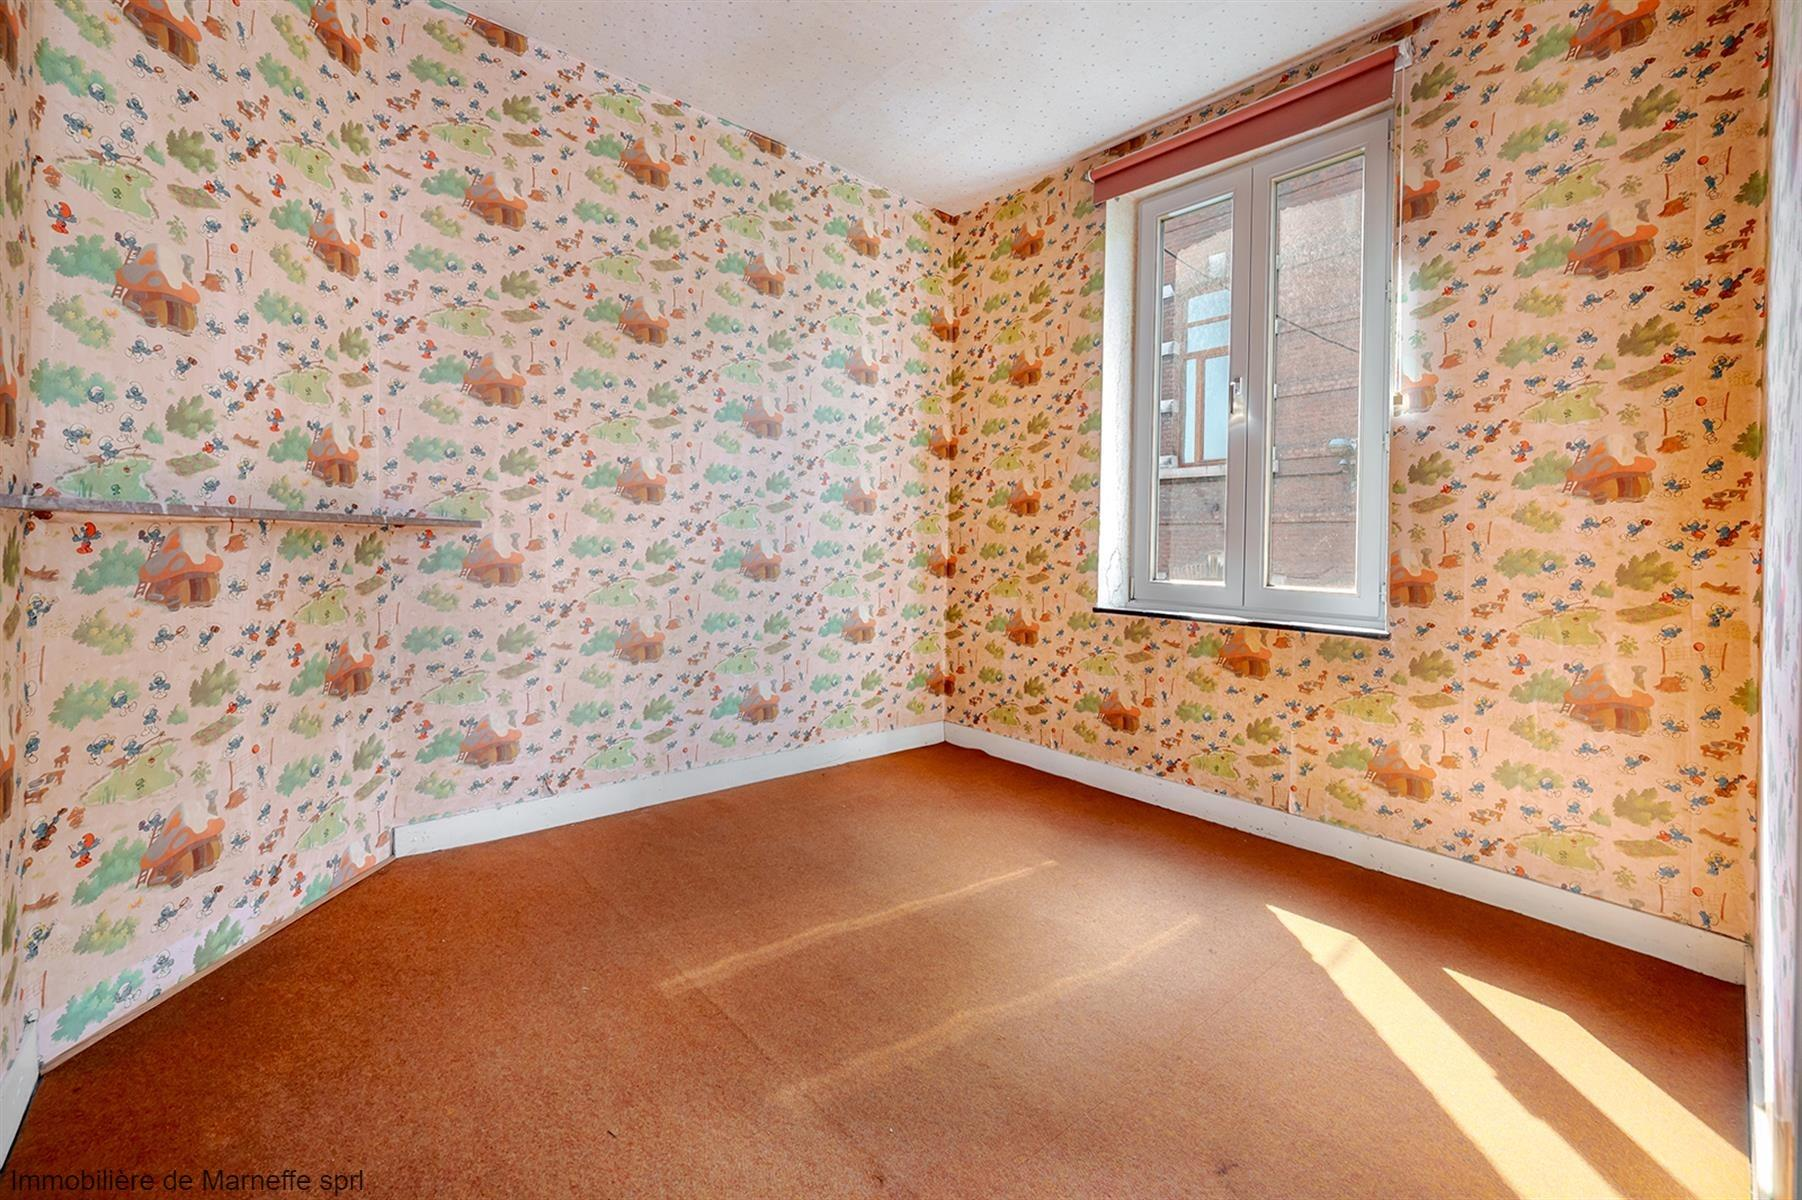 Maison - Liege - #4405271-11